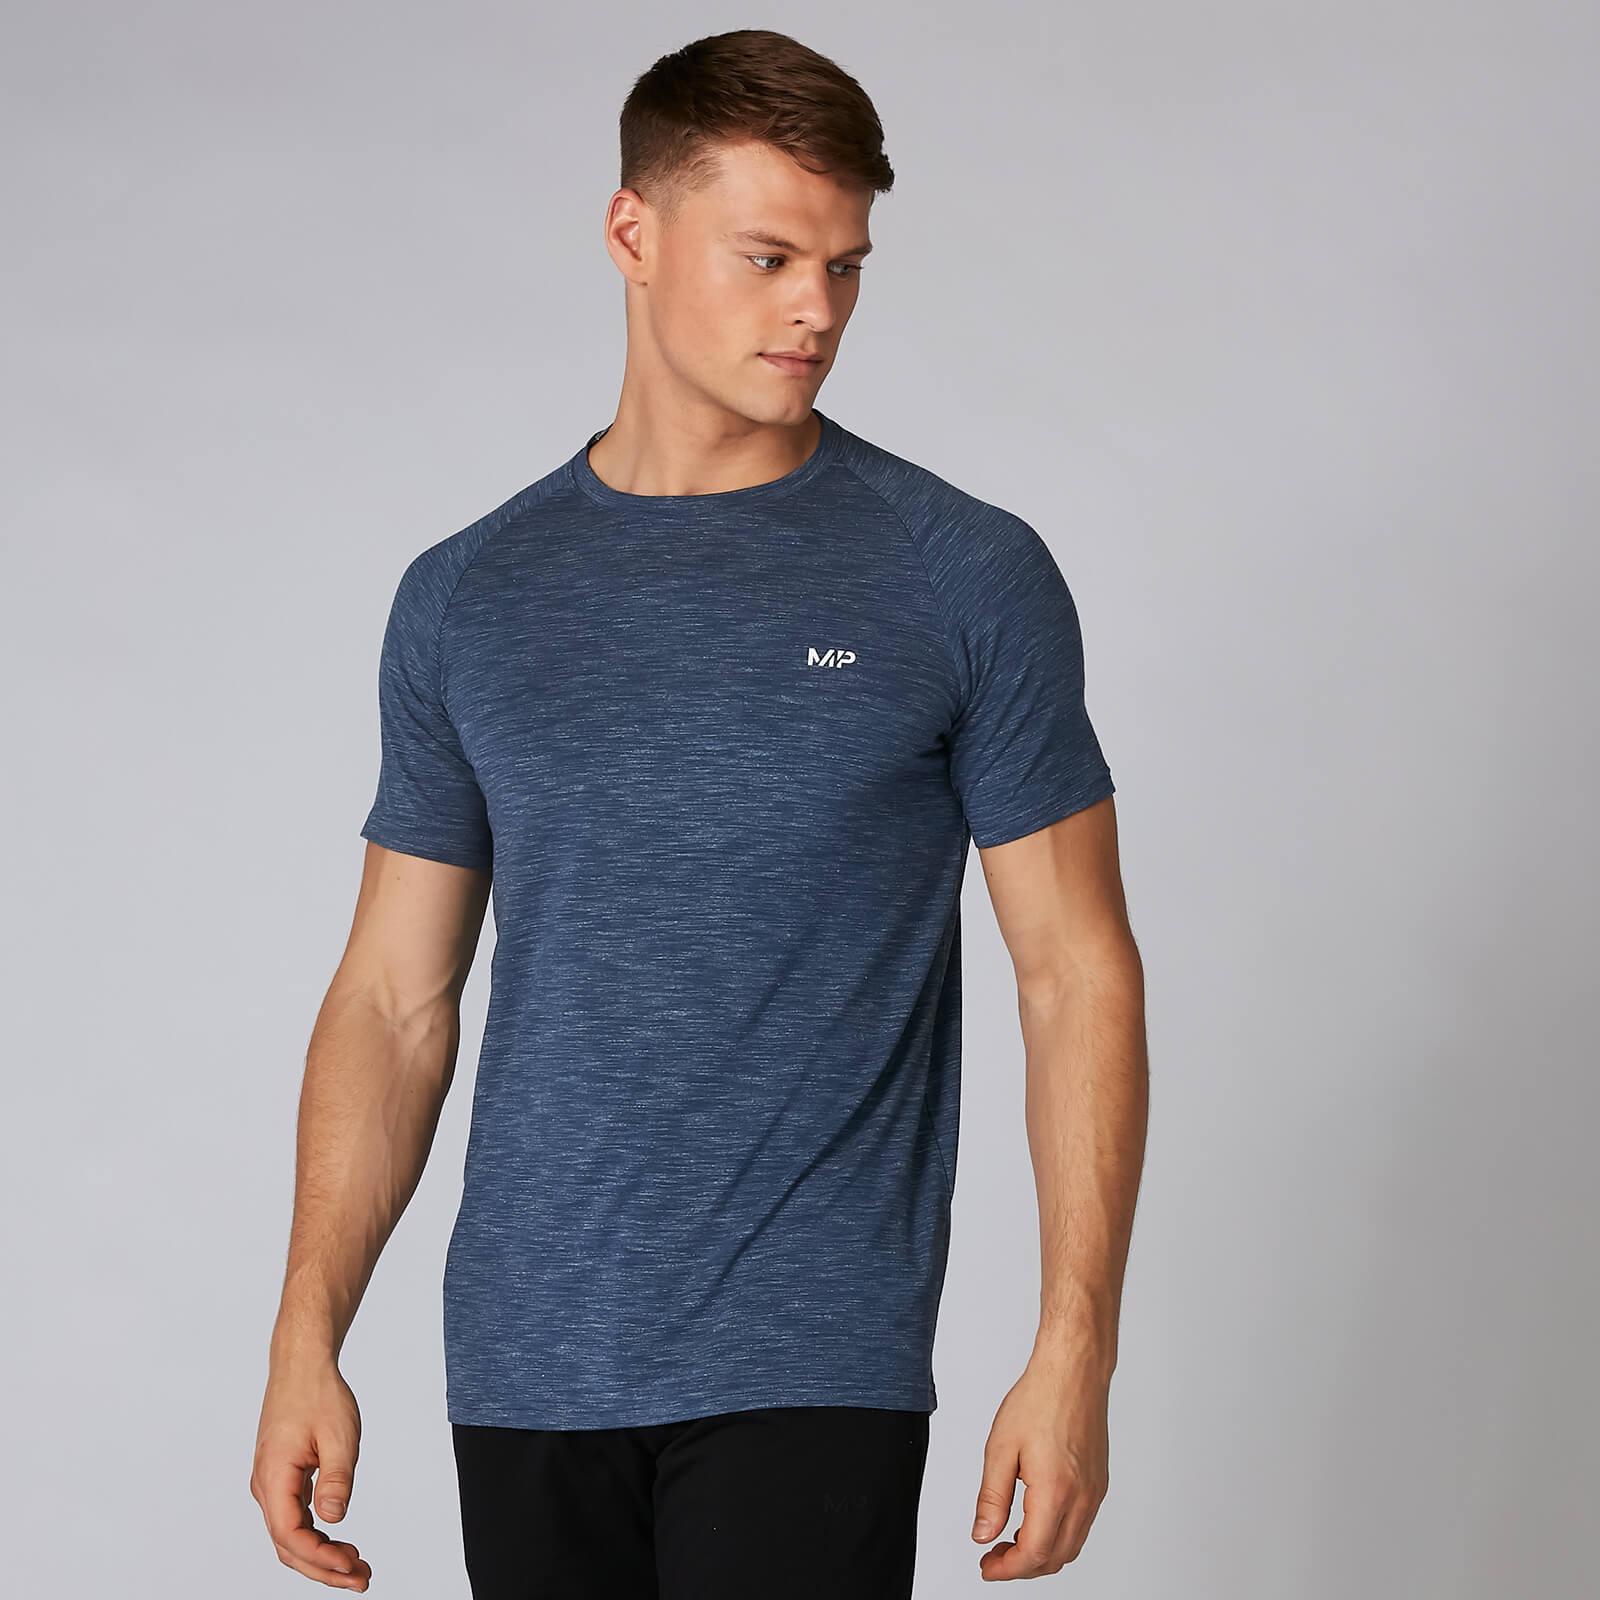 Myprotein Performance T-Shirt - Indigo - L